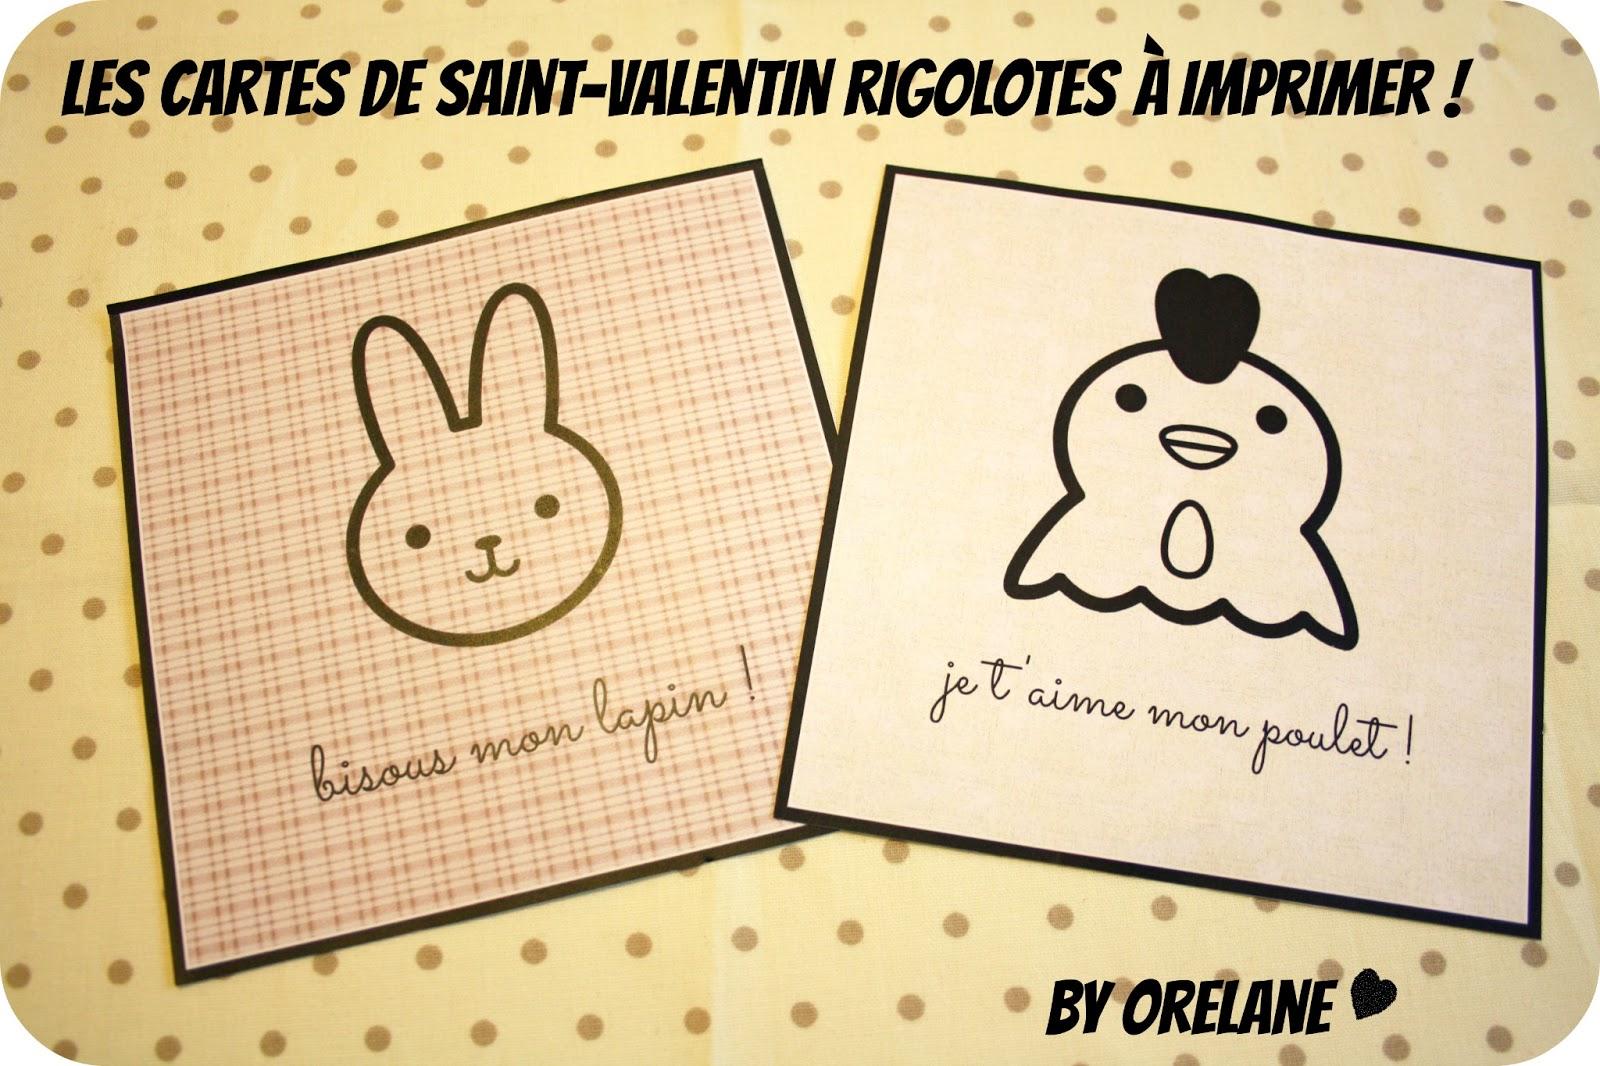 Orelane a imprimer les cartes rigolotes de saint valentin - Image st valentin a telecharger gratuitement ...